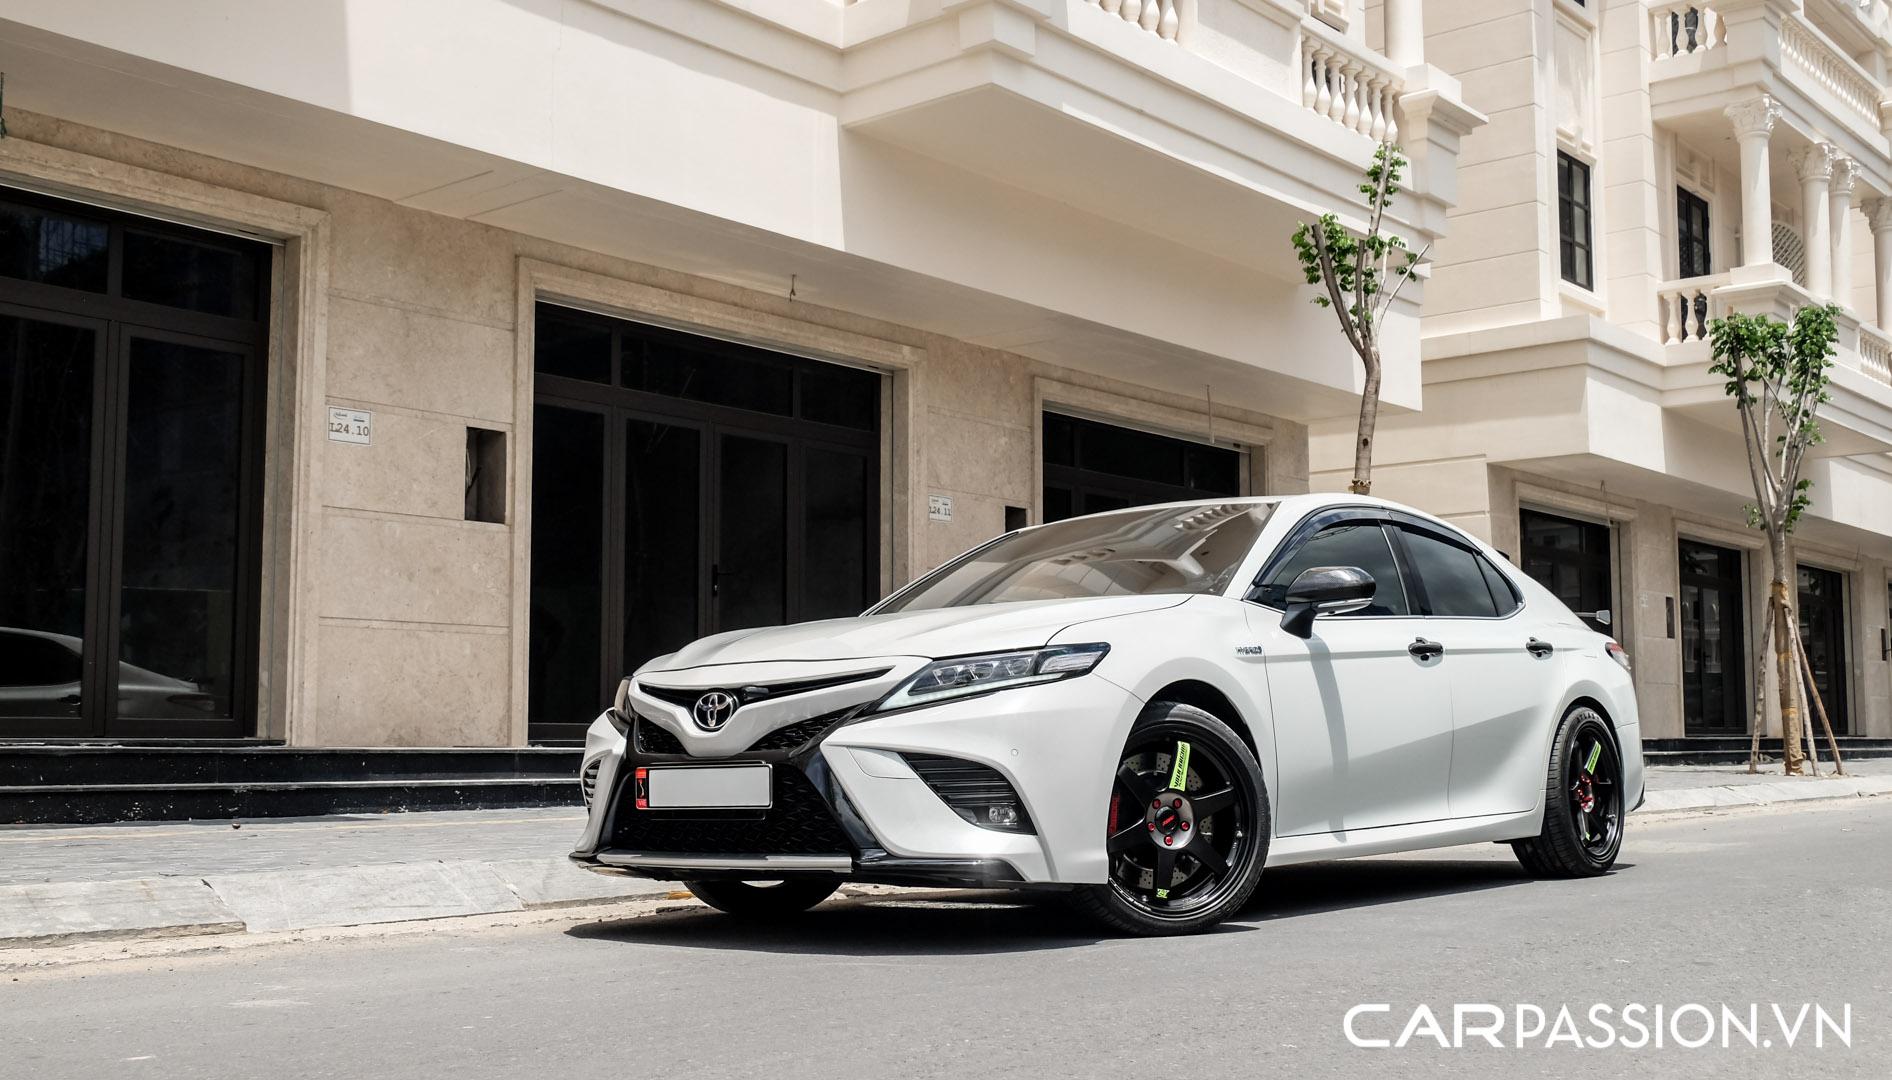 CP-Toyota Camry độ (15).jpg